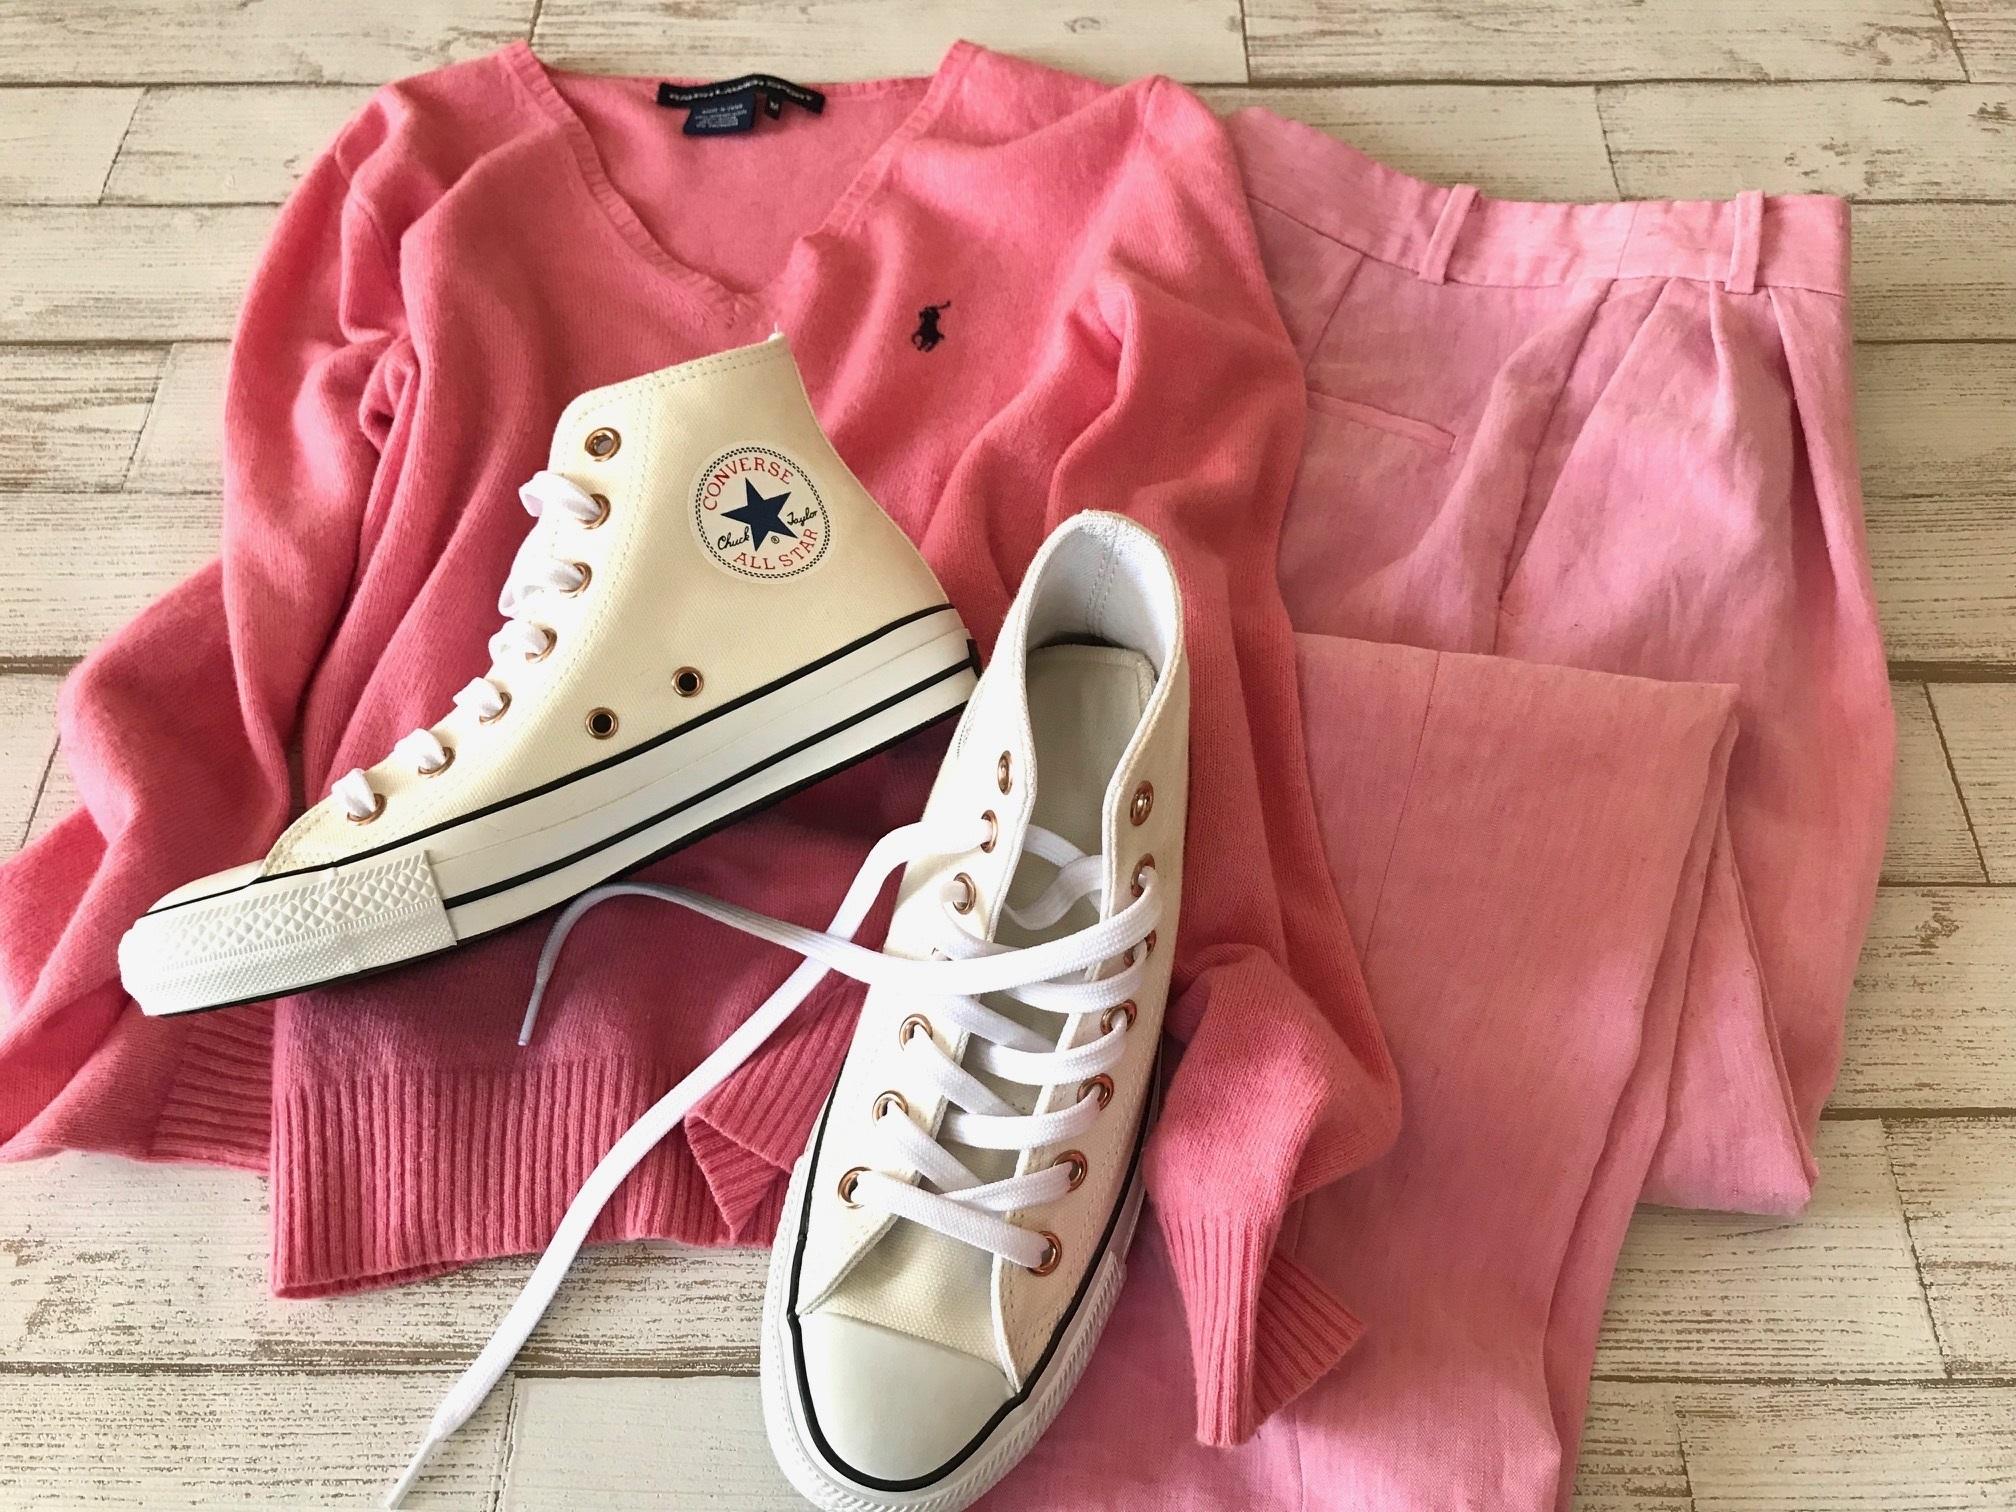 白コンバースのハイカットスニーカー×Tシャツ&ローズピンクのワントーンファッションコーデ